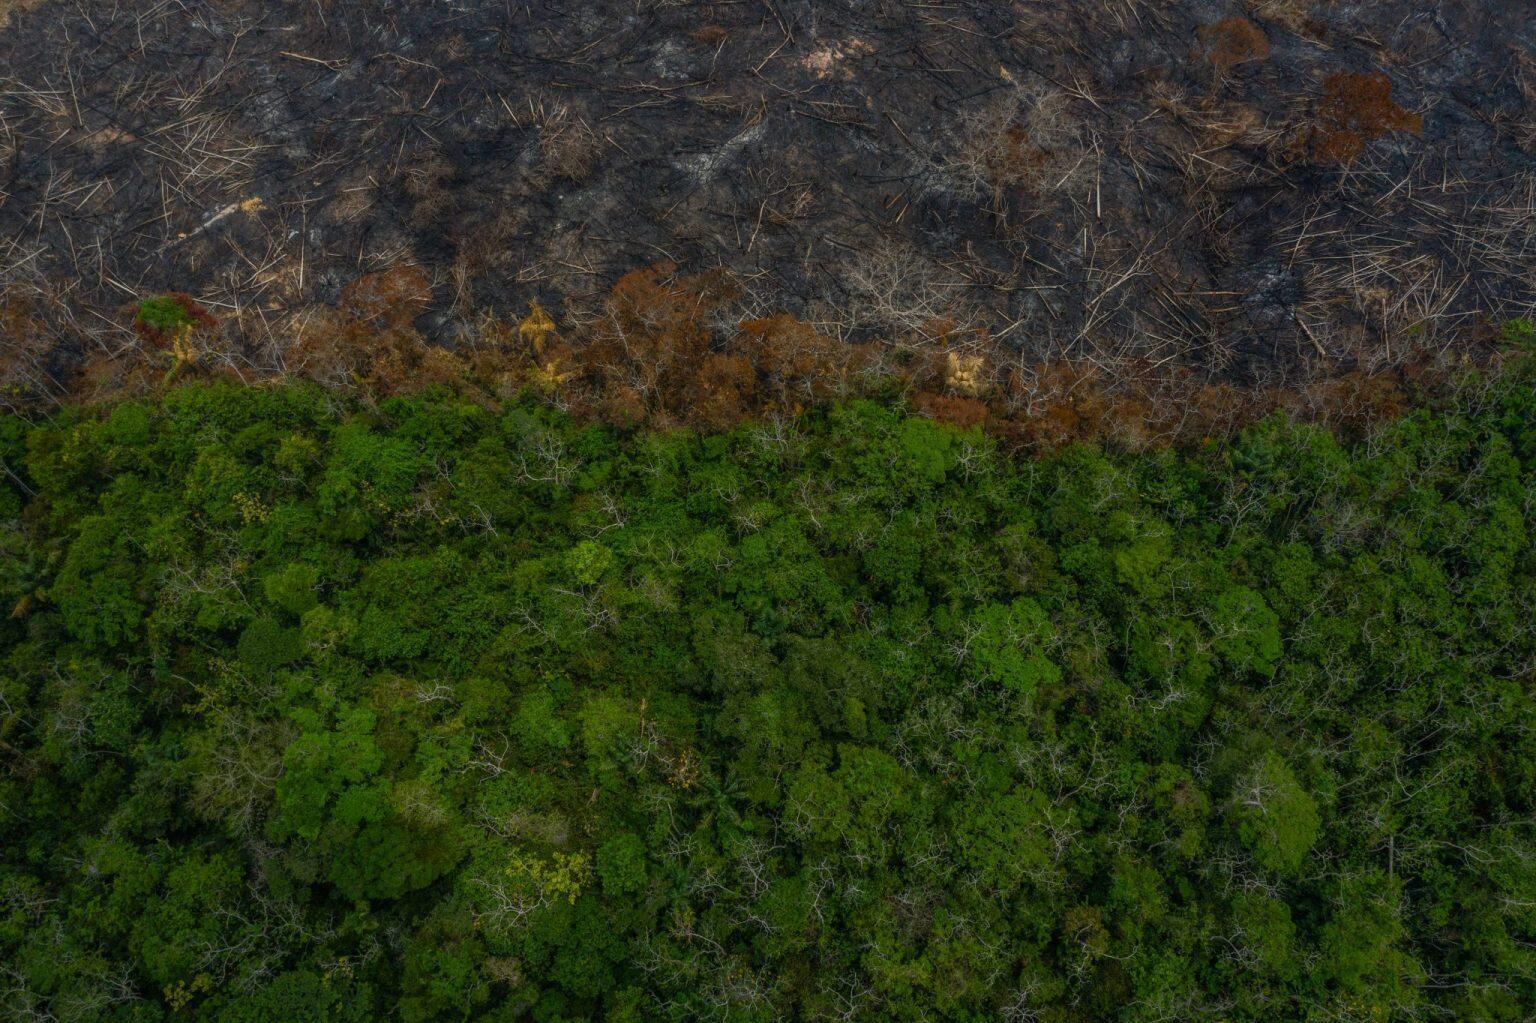 La frontera entre la selva virgen y los restos que dejan los incendios habla por sí misma del terreno que los humanos le ganan todos los días a uno de los entornos ambientales más ricos del planeta. De acuerdo con un reporte de 2019 del proyecto Monitoring the Andean Amazon (MAAP), 'la deforestación continúa en la Amazonía colombiana (2019)', el noroeste de la Amazonía colombiana perdió, entre enero y mayo de ese año, más de 56.000 hectáreas de bosque.